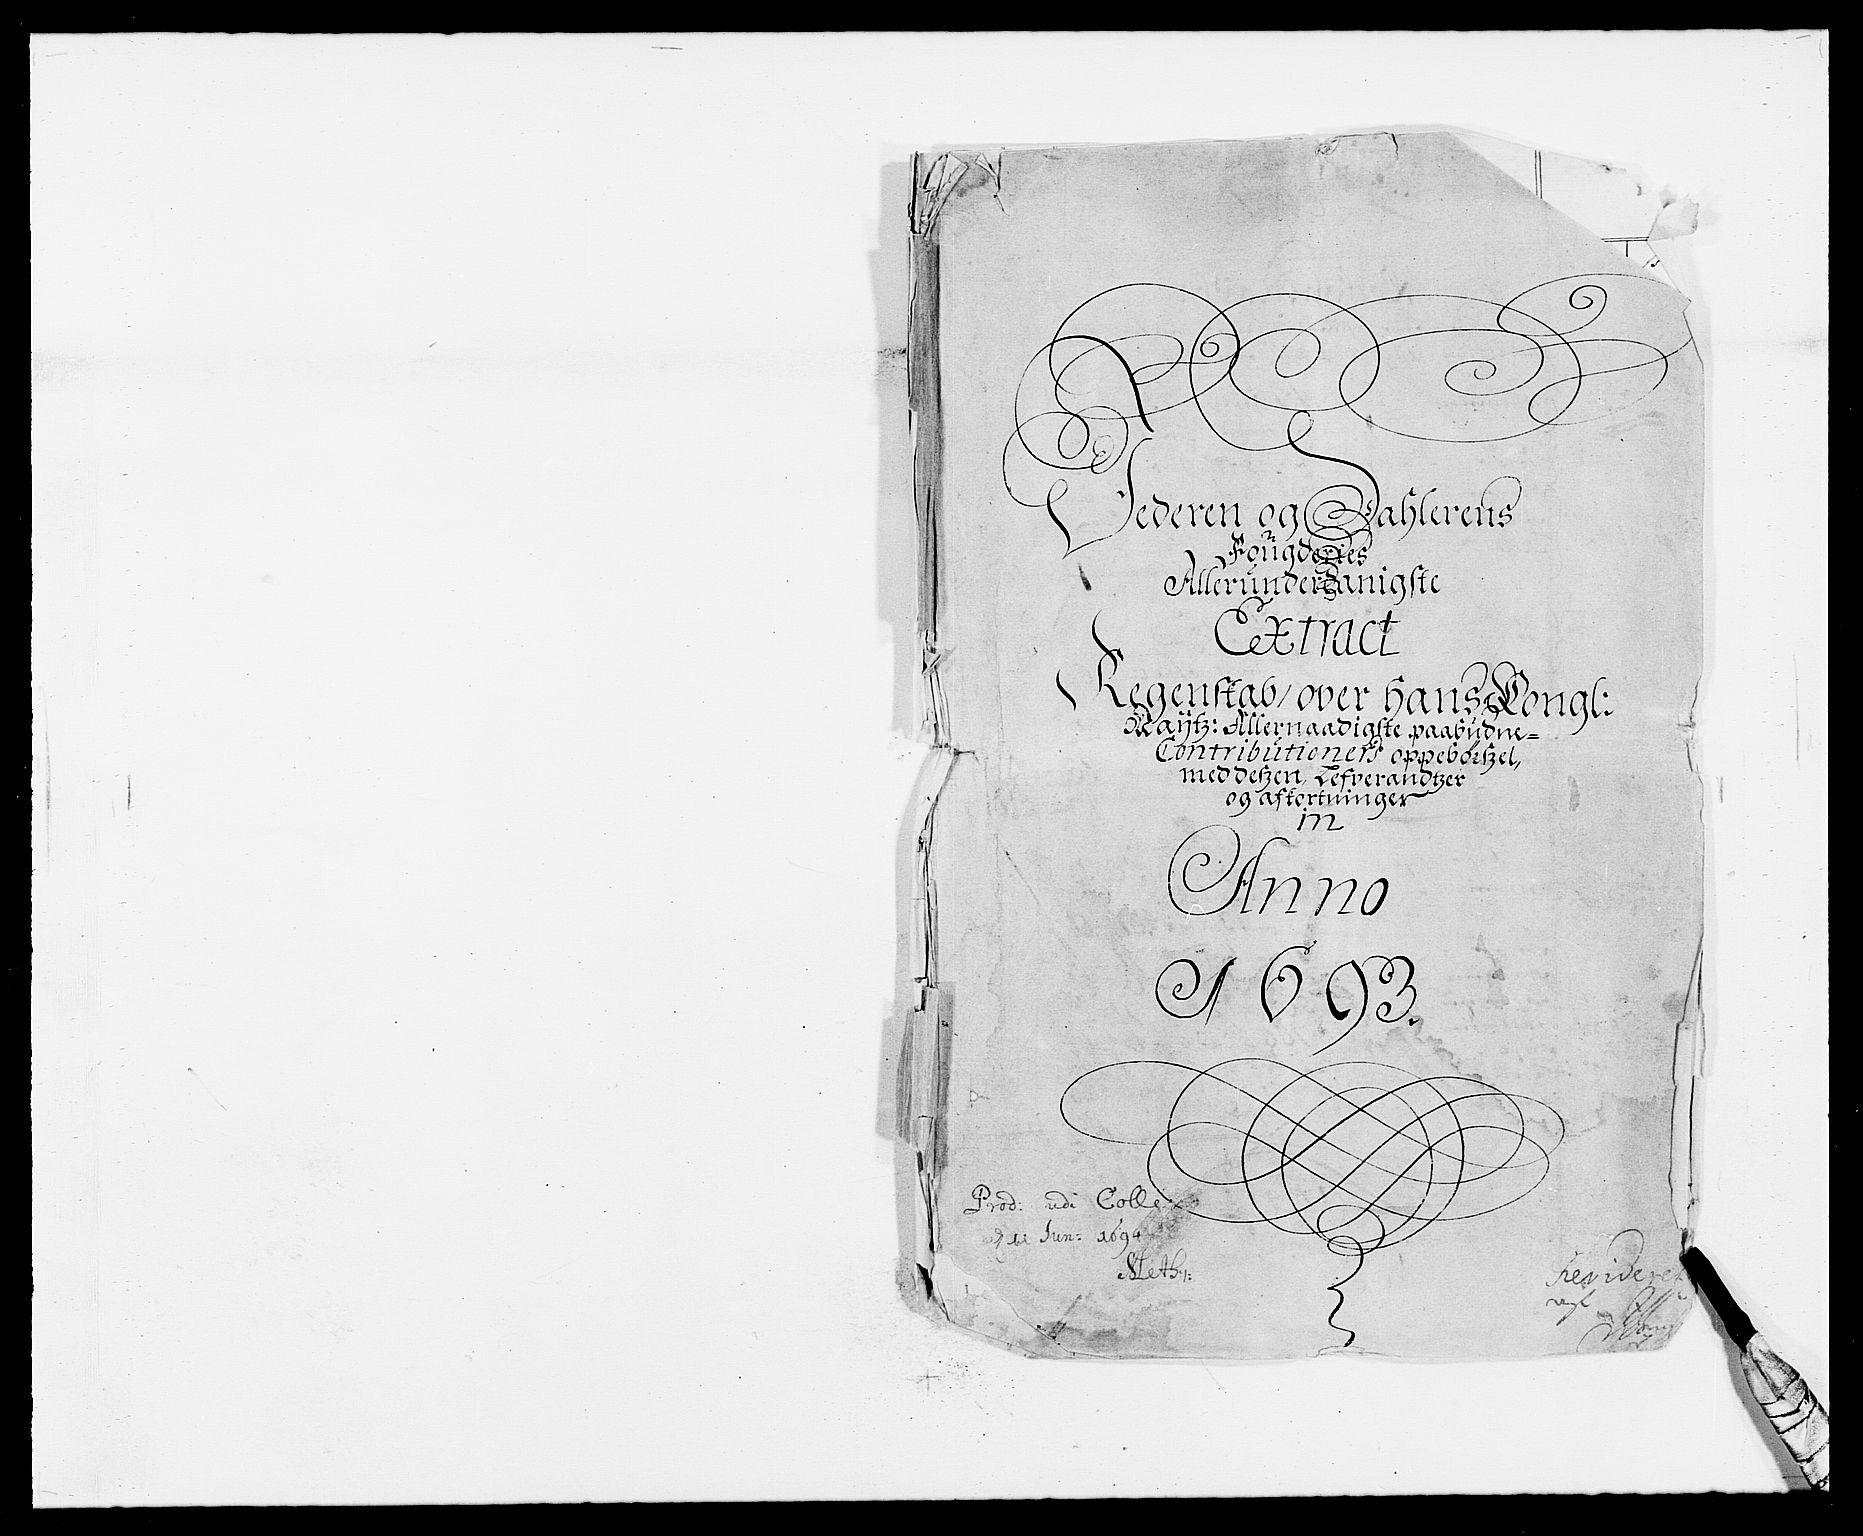 RA, Rentekammeret inntil 1814, Reviderte regnskaper, Fogderegnskap, R46/L2727: Fogderegnskap Jæren og Dalane, 1690-1693, s. 238